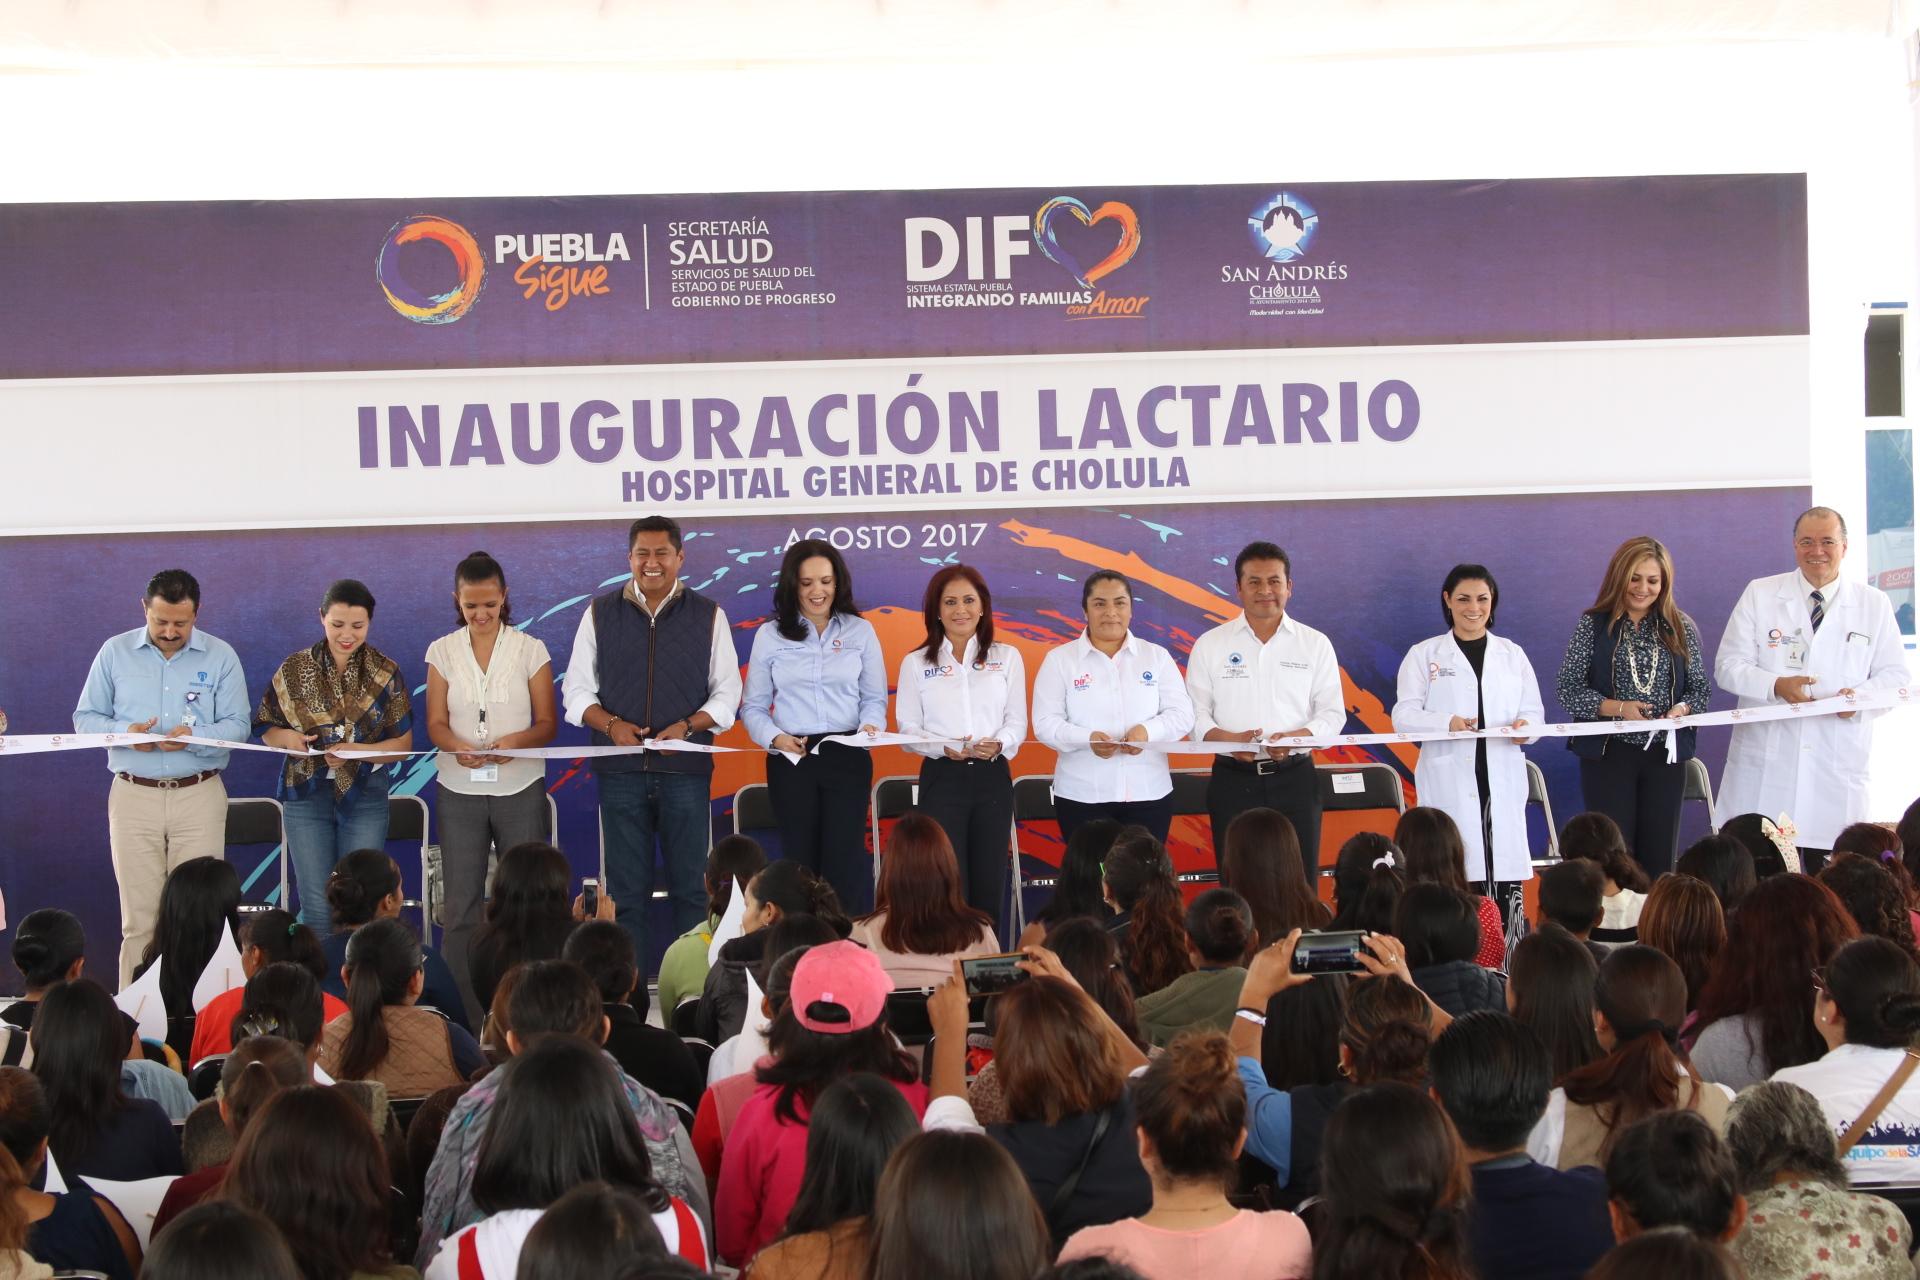 Inauguran lactario en el hospital general de San Andrés Cholula